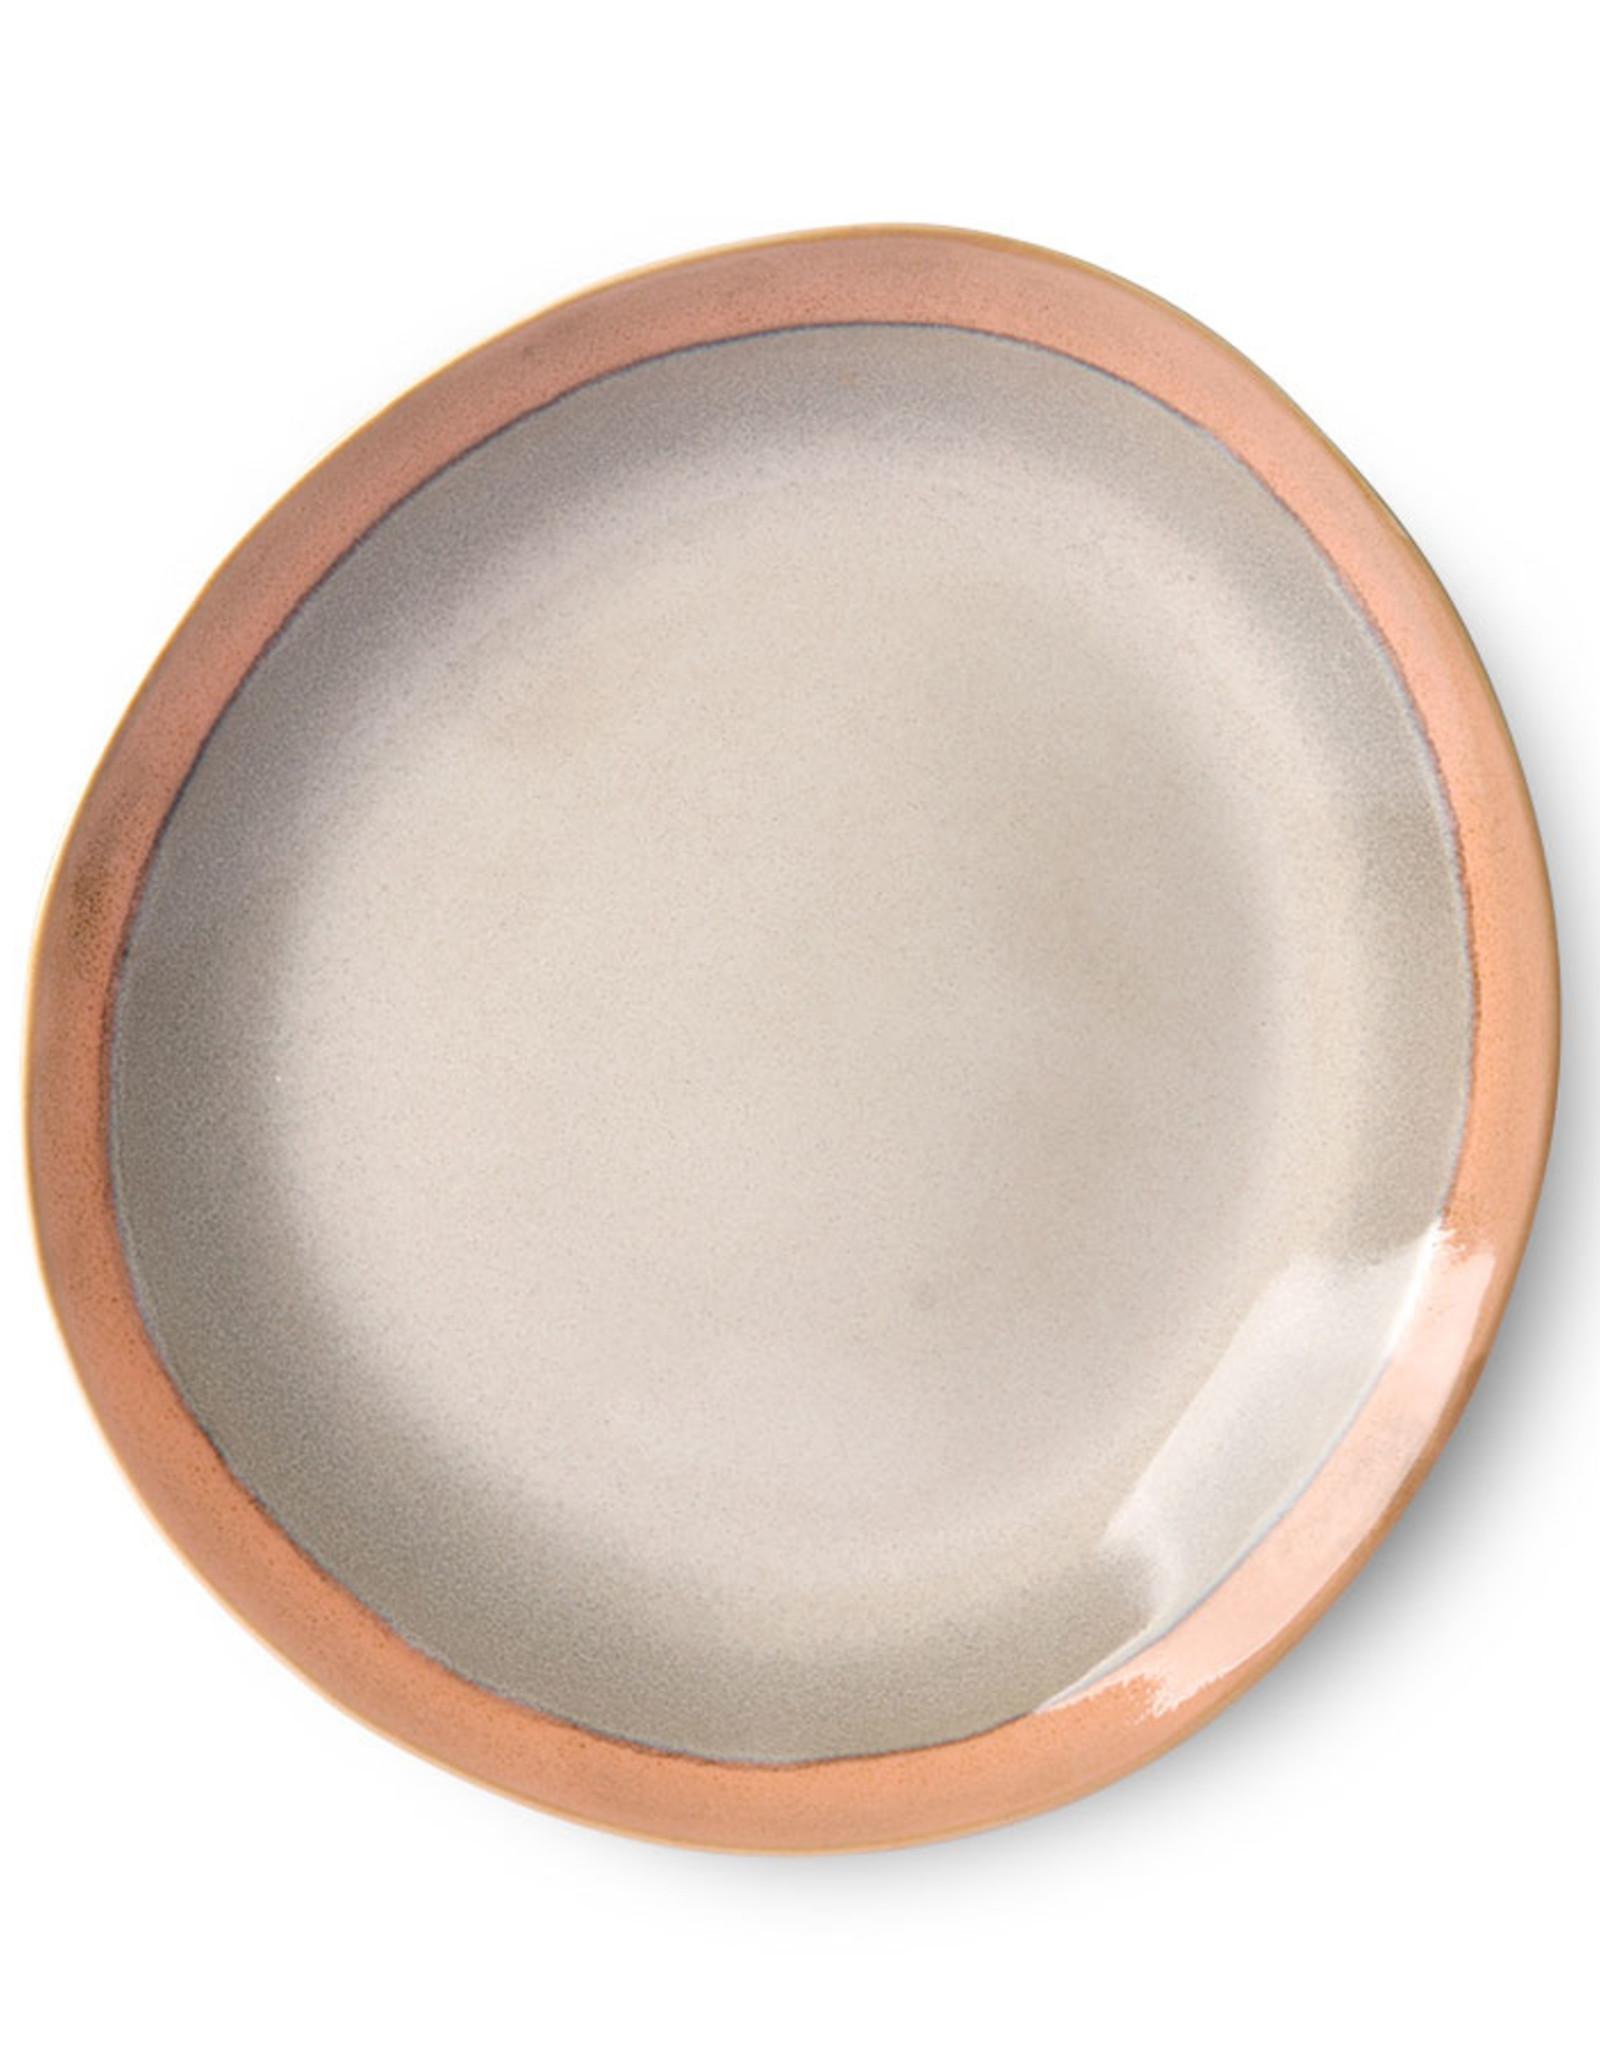 HK living Ceramic 70's side plate: earth